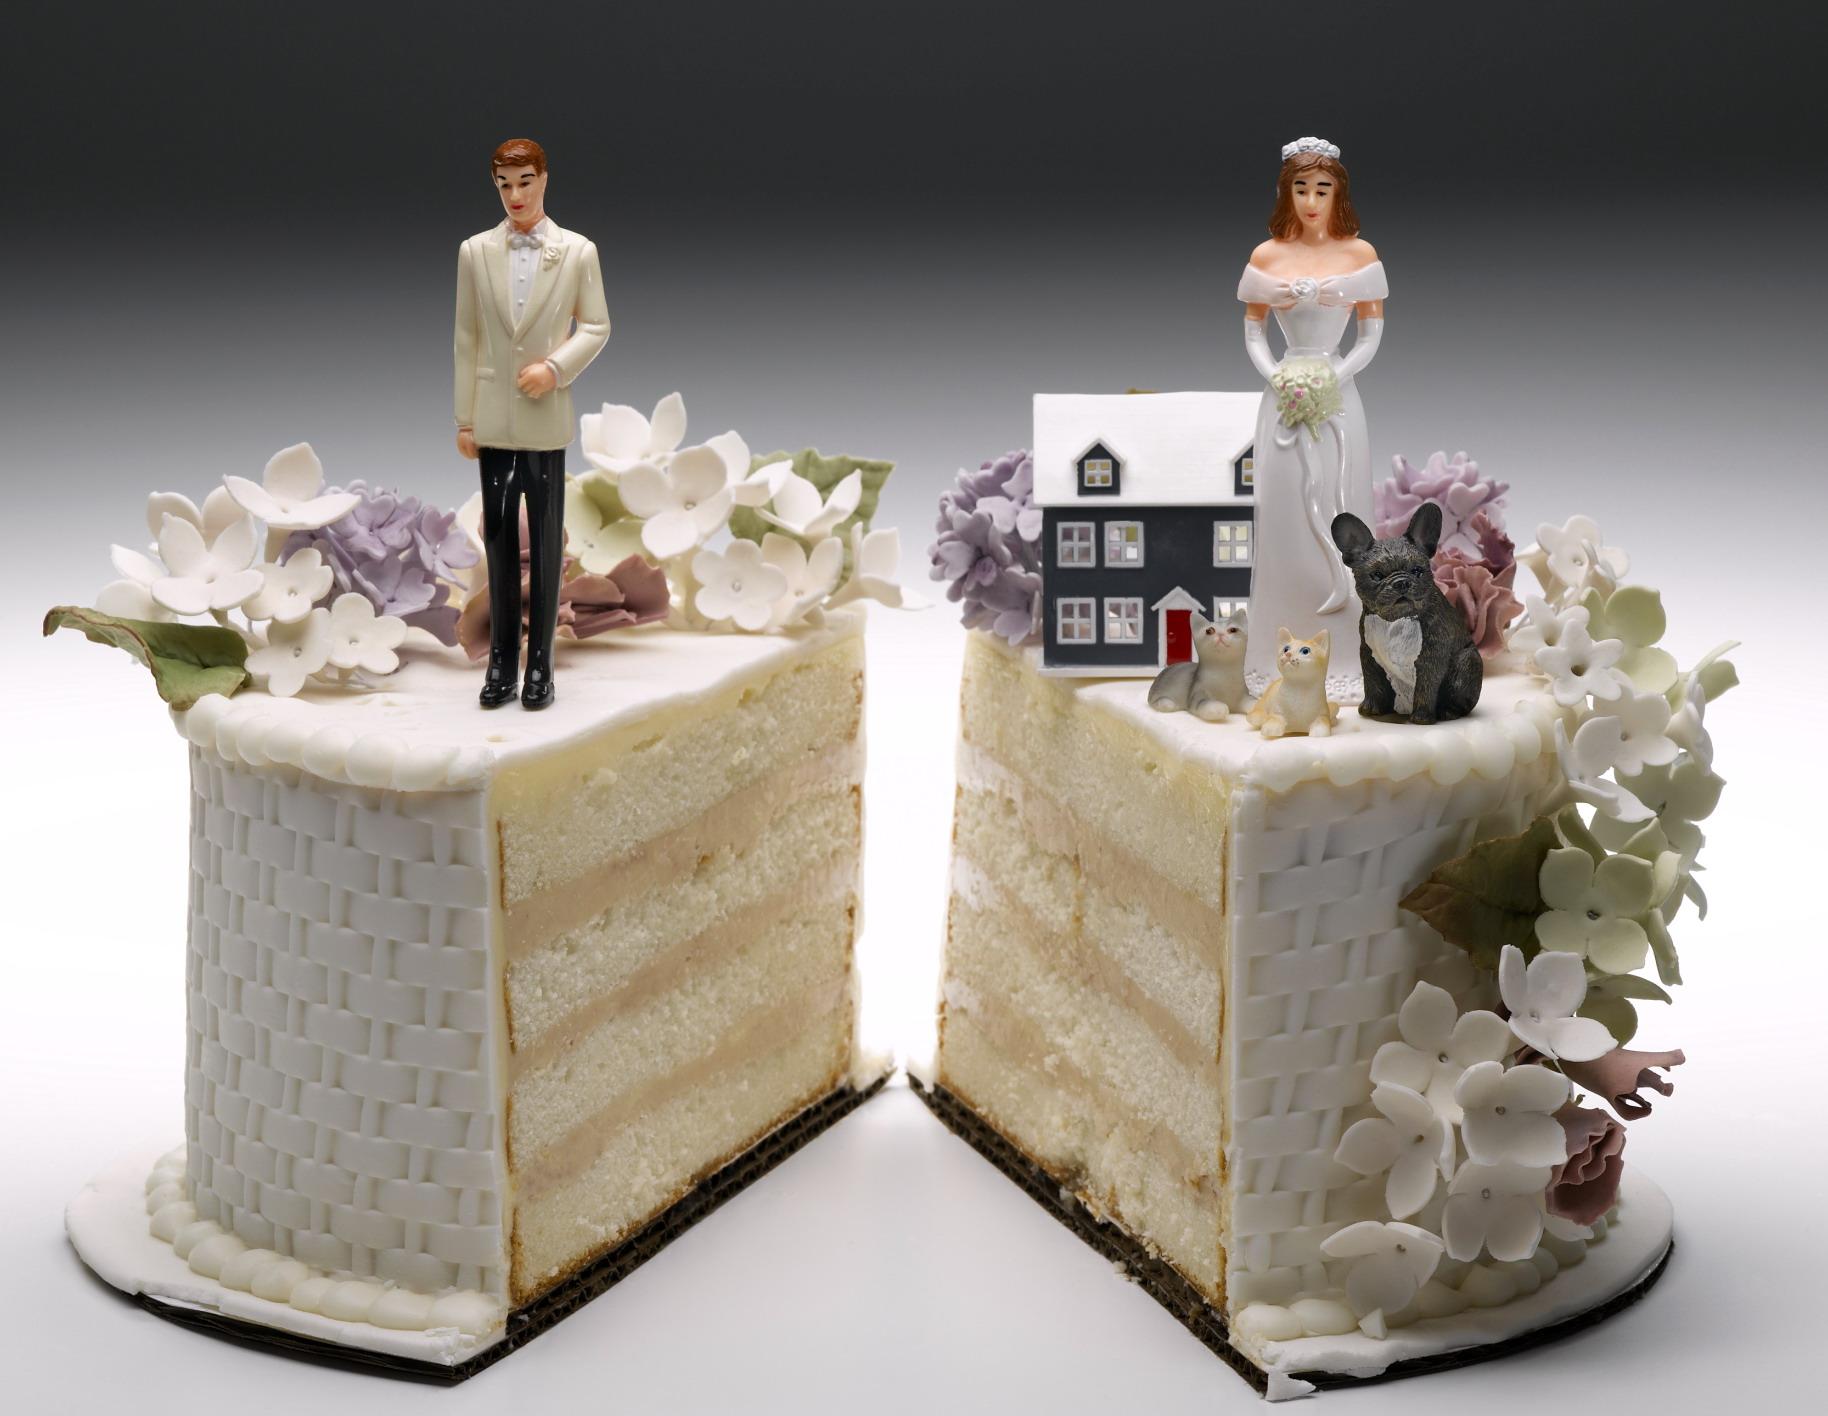 Divorzio breve, il provvedimento è stato approvato al Senato: i tempi di separazione passano da tre anni a sei mesi